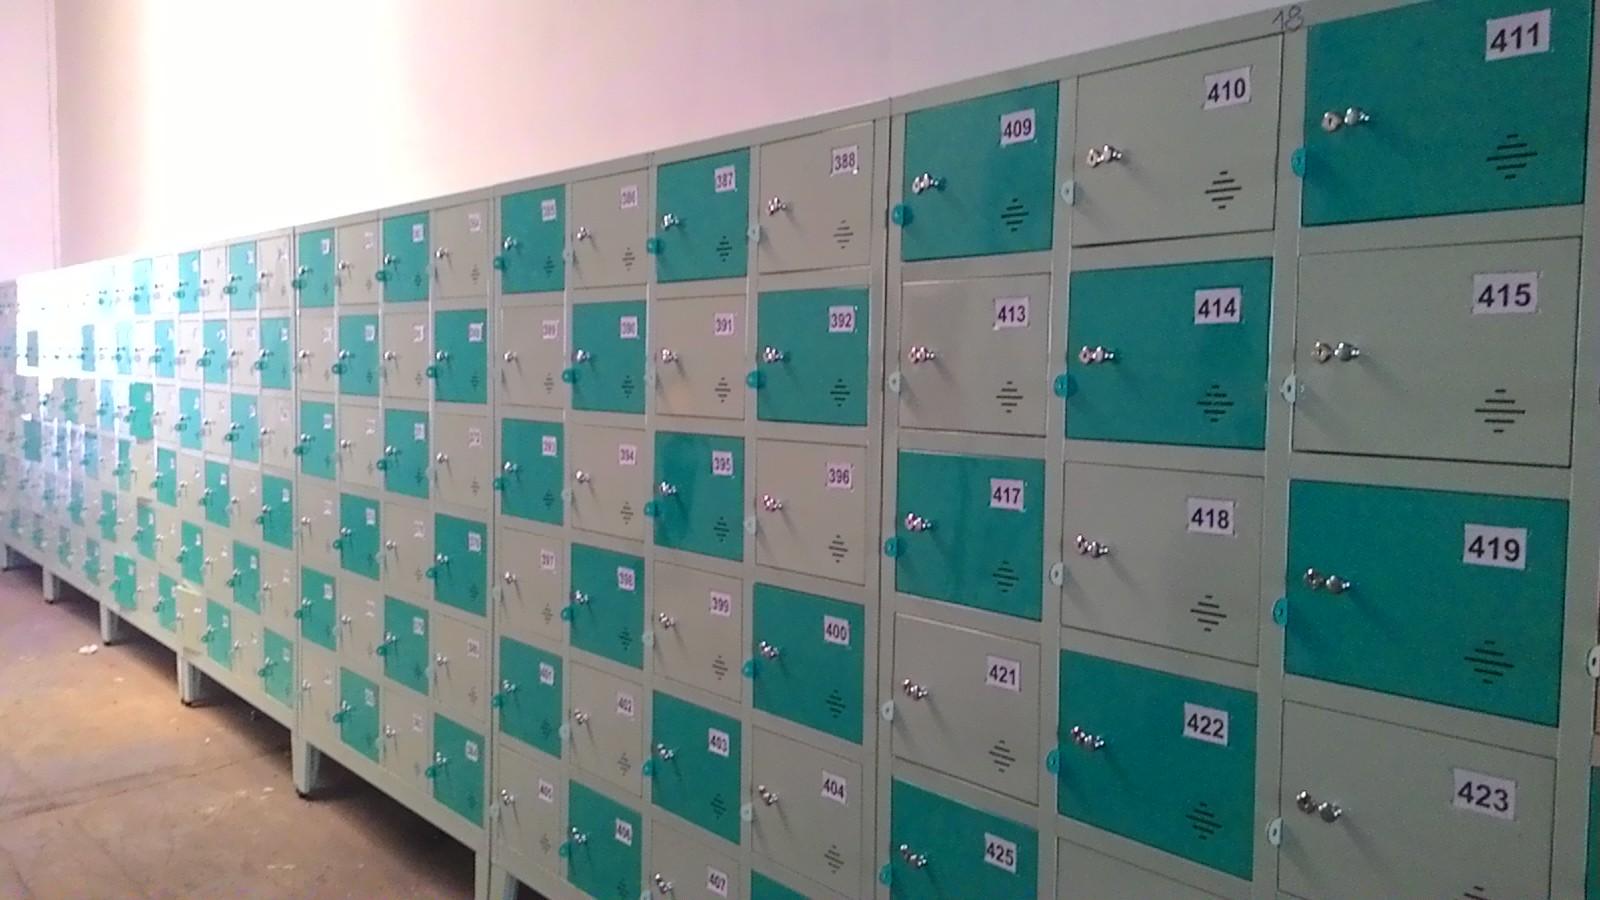 vinamax Thiết kế mẫu tủ locker dành cho học sinh